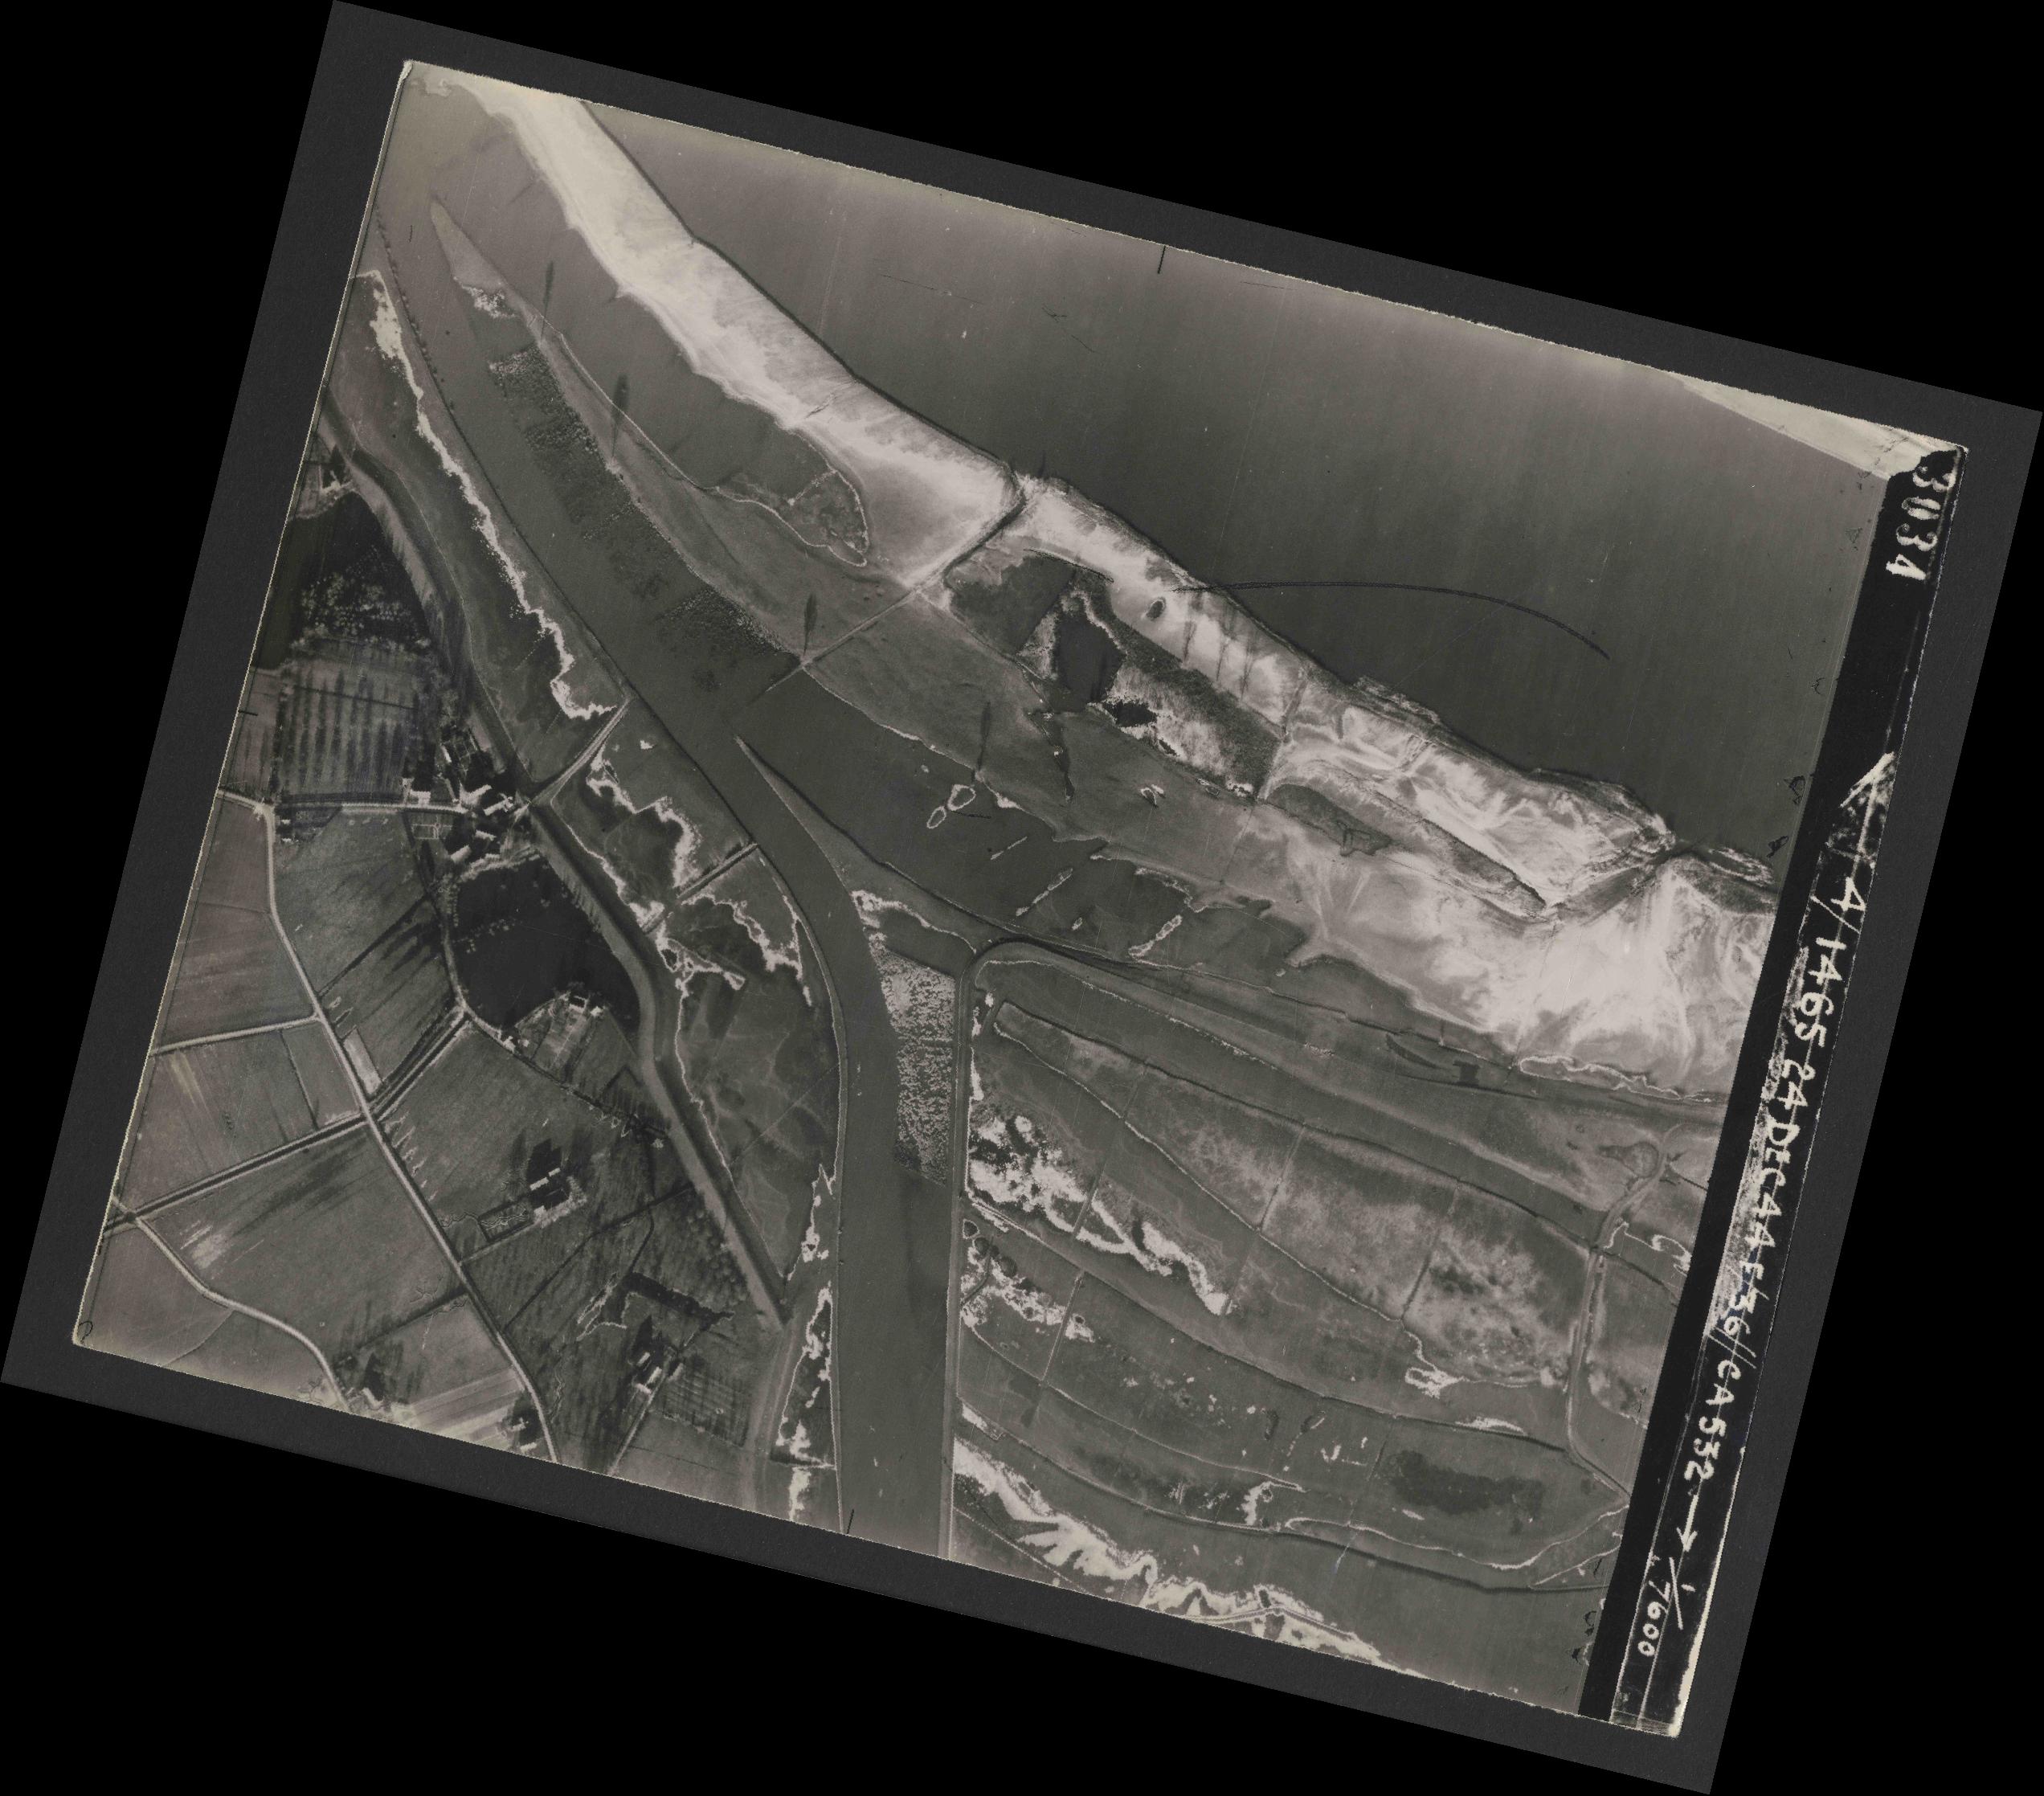 Collection RAF aerial photos 1940-1945 - flight 304, run 04, photo 3034